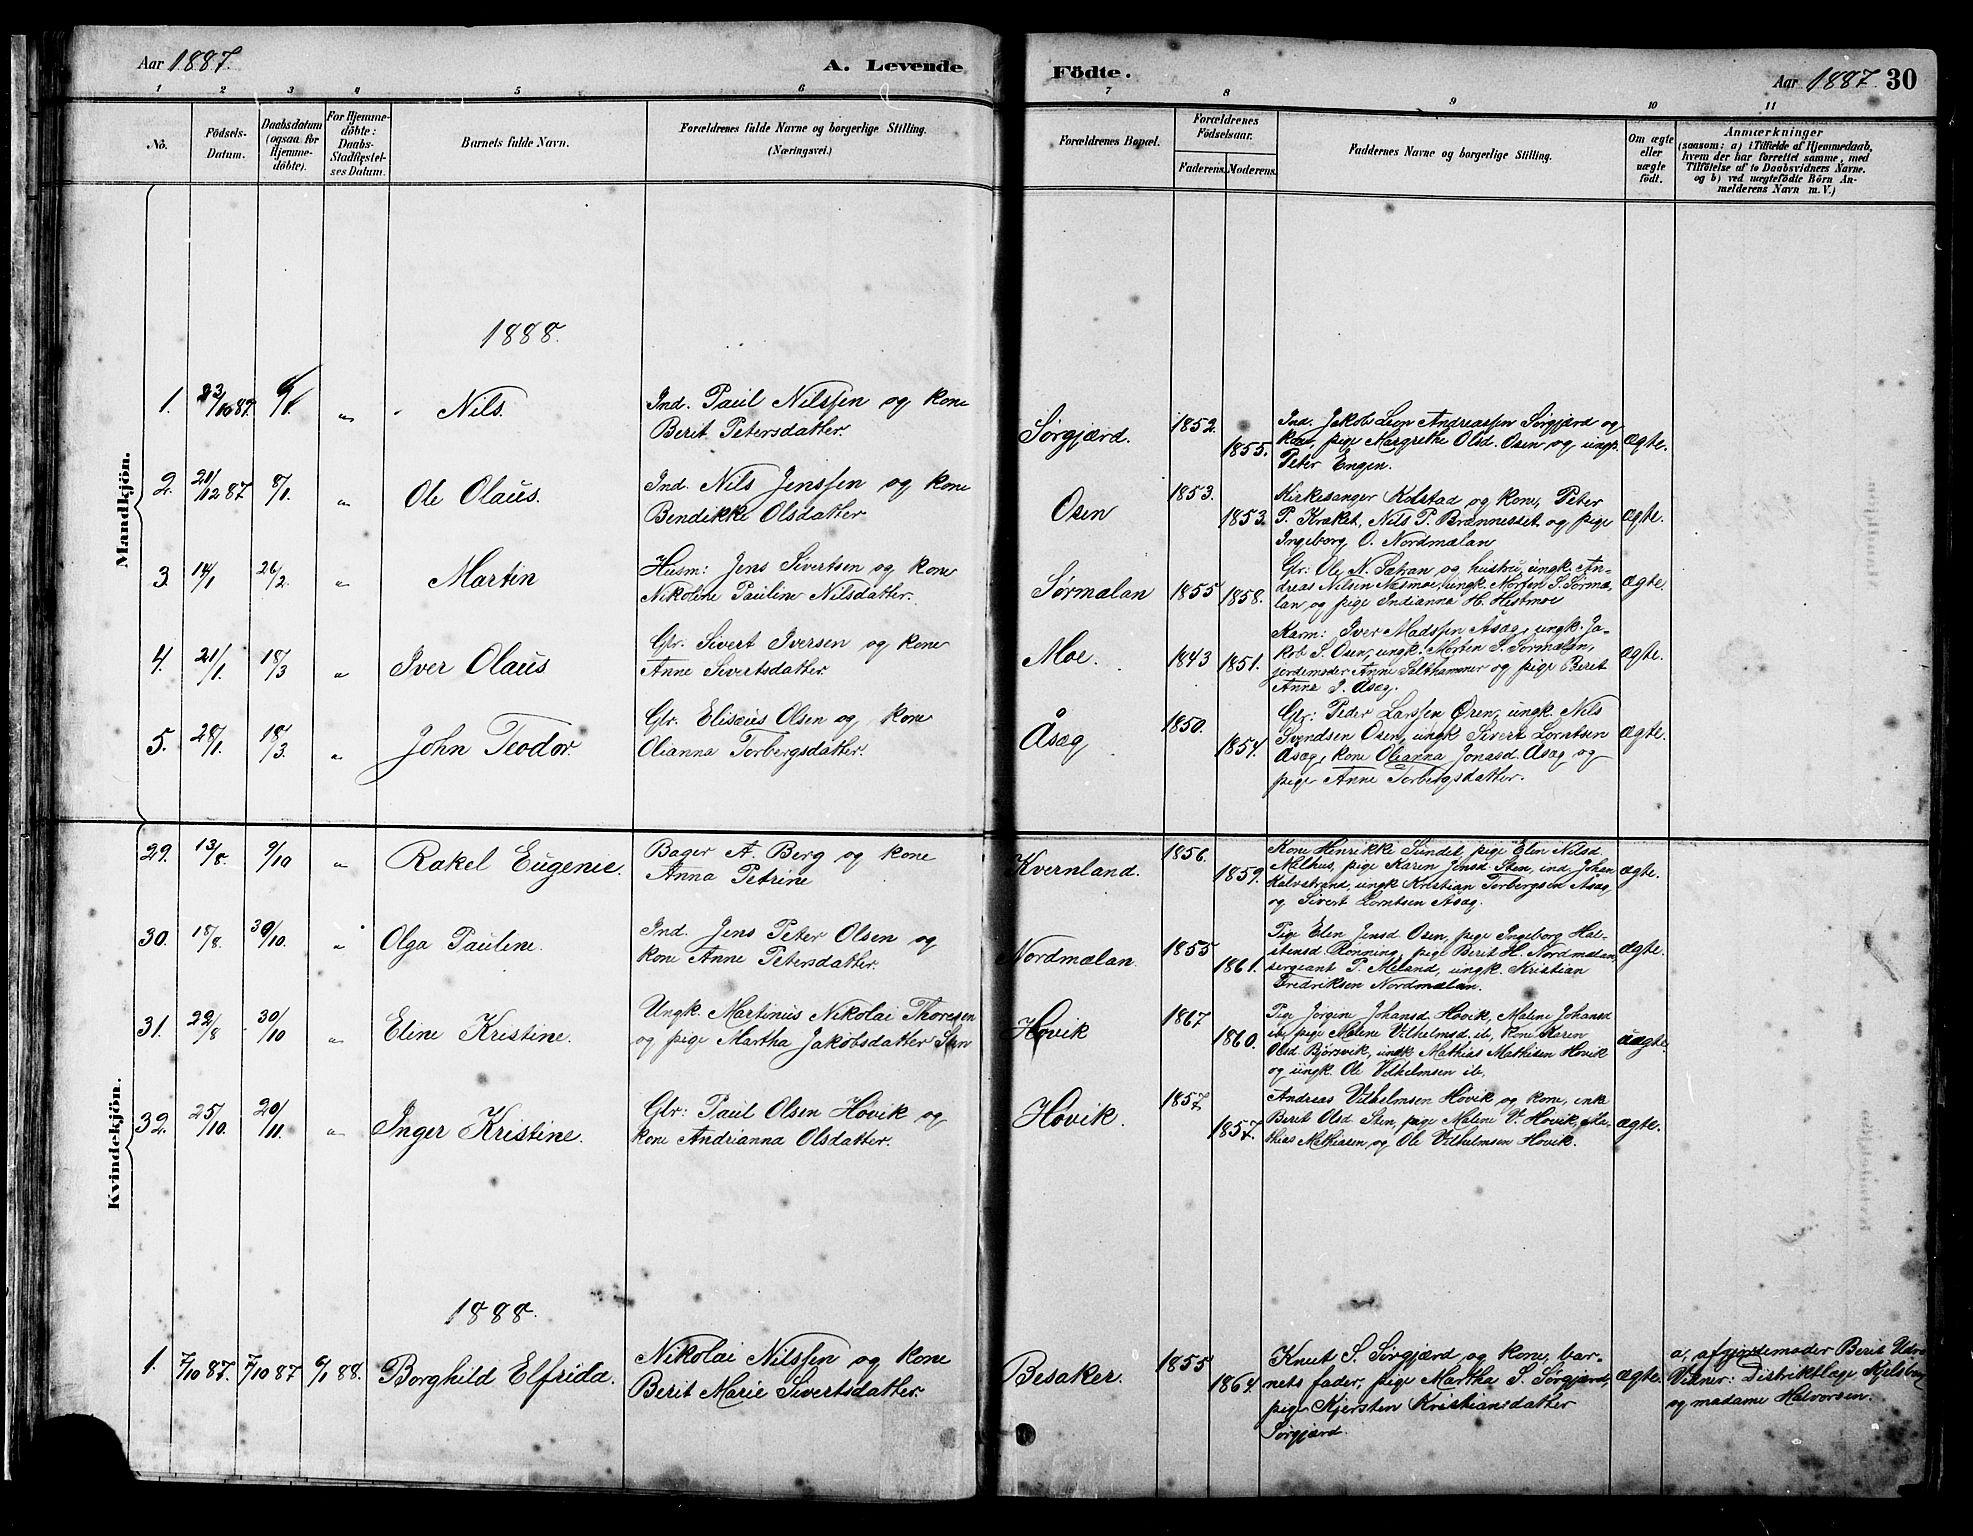 SAT, Ministerialprotokoller, klokkerbøker og fødselsregistre - Sør-Trøndelag, 658/L0726: Klokkerbok nr. 658C02, 1883-1908, s. 30